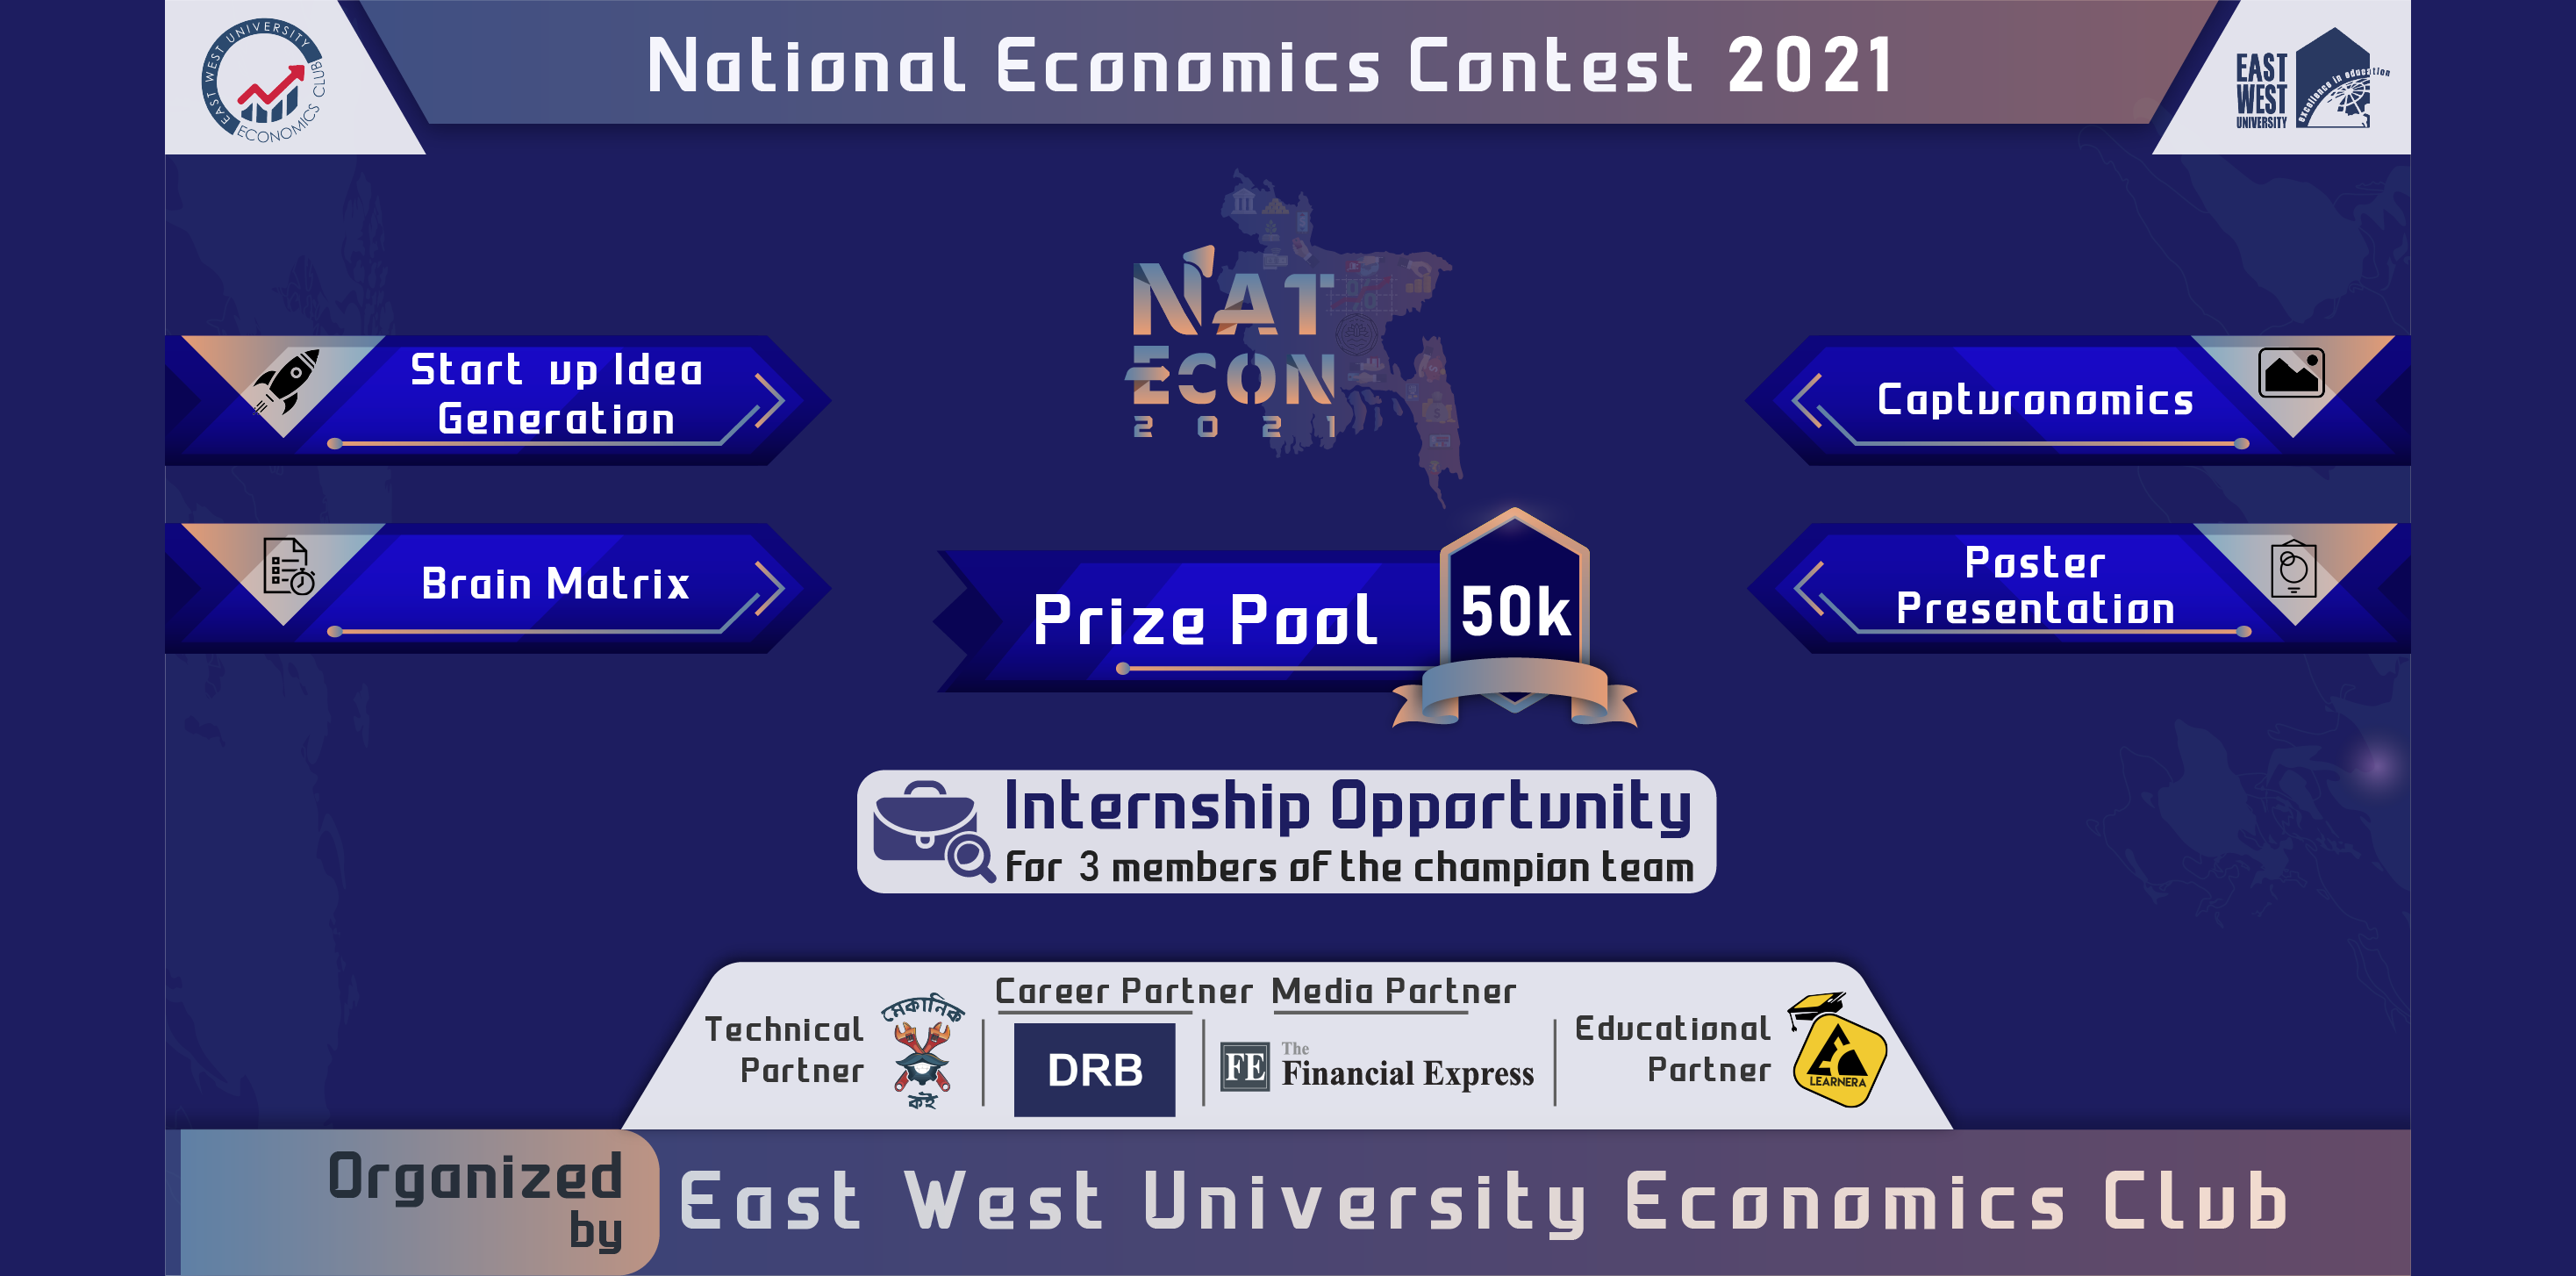 NatEcon 2021: National Economics Contest 2021